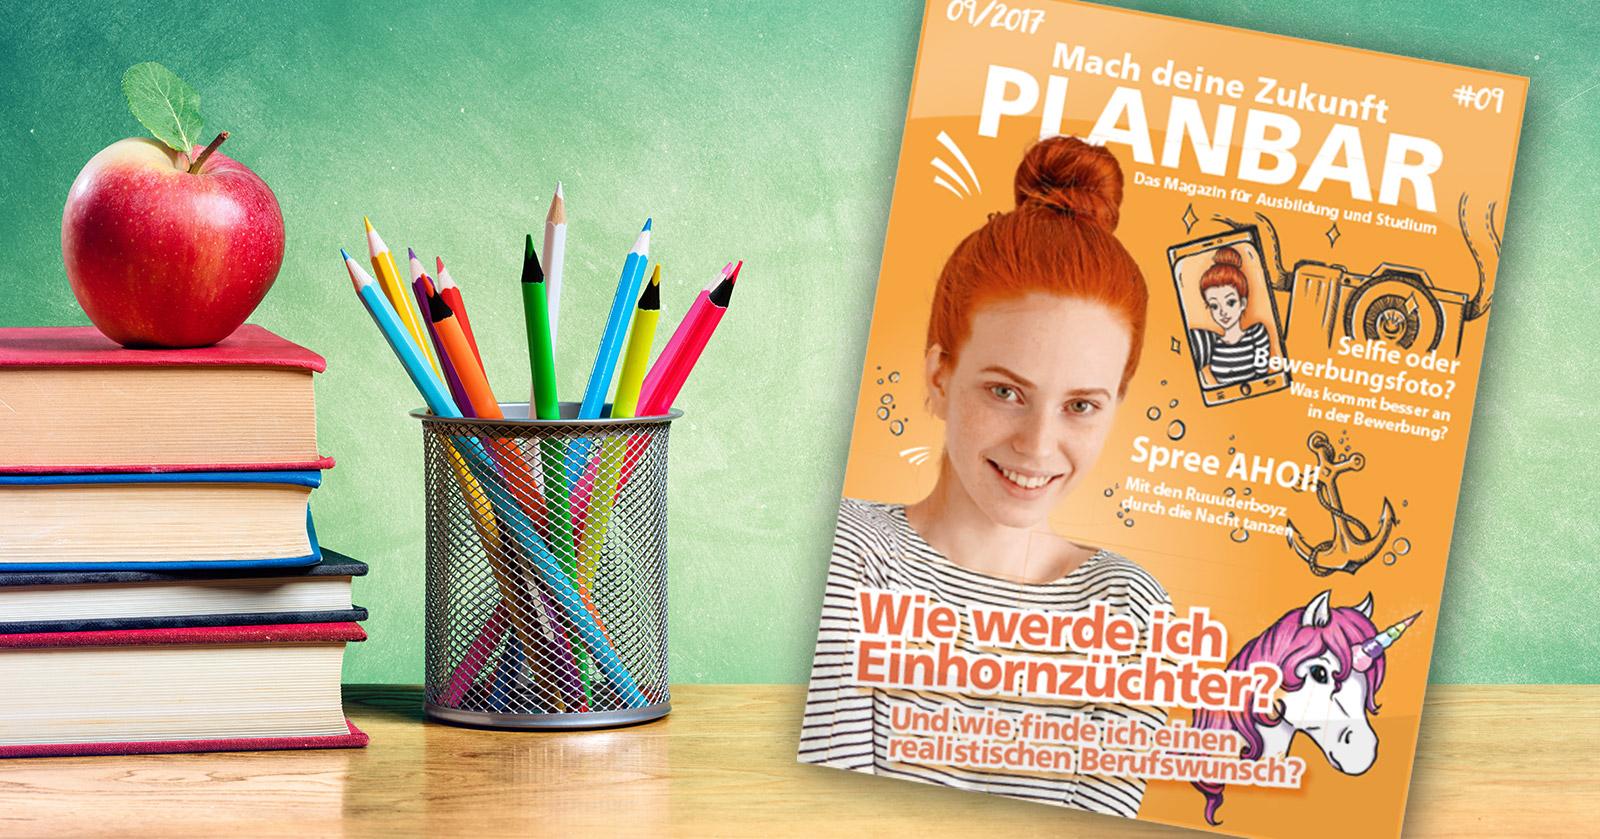 Das neue PLANBAR-Magazin ist da!